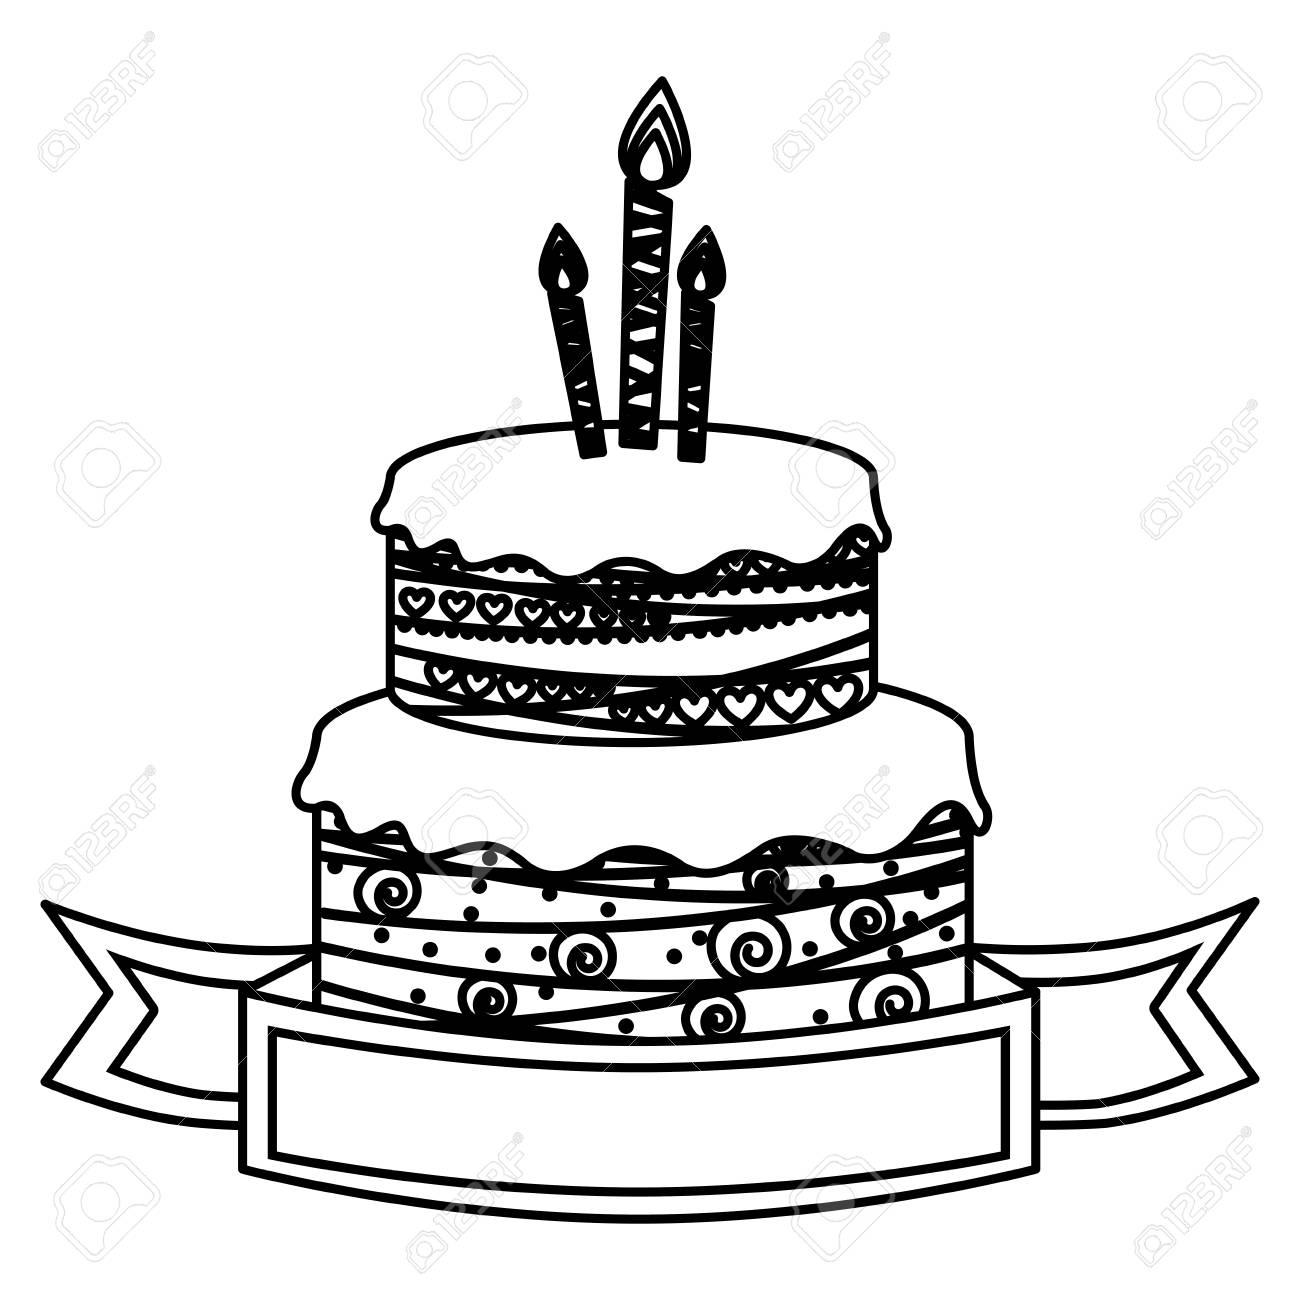 Sketch of birthday cake gallery birthday cake decoration sketch of birthday cake images birthday cake decoration sketch of birthday cake choice image birthday cake sciox Image collections